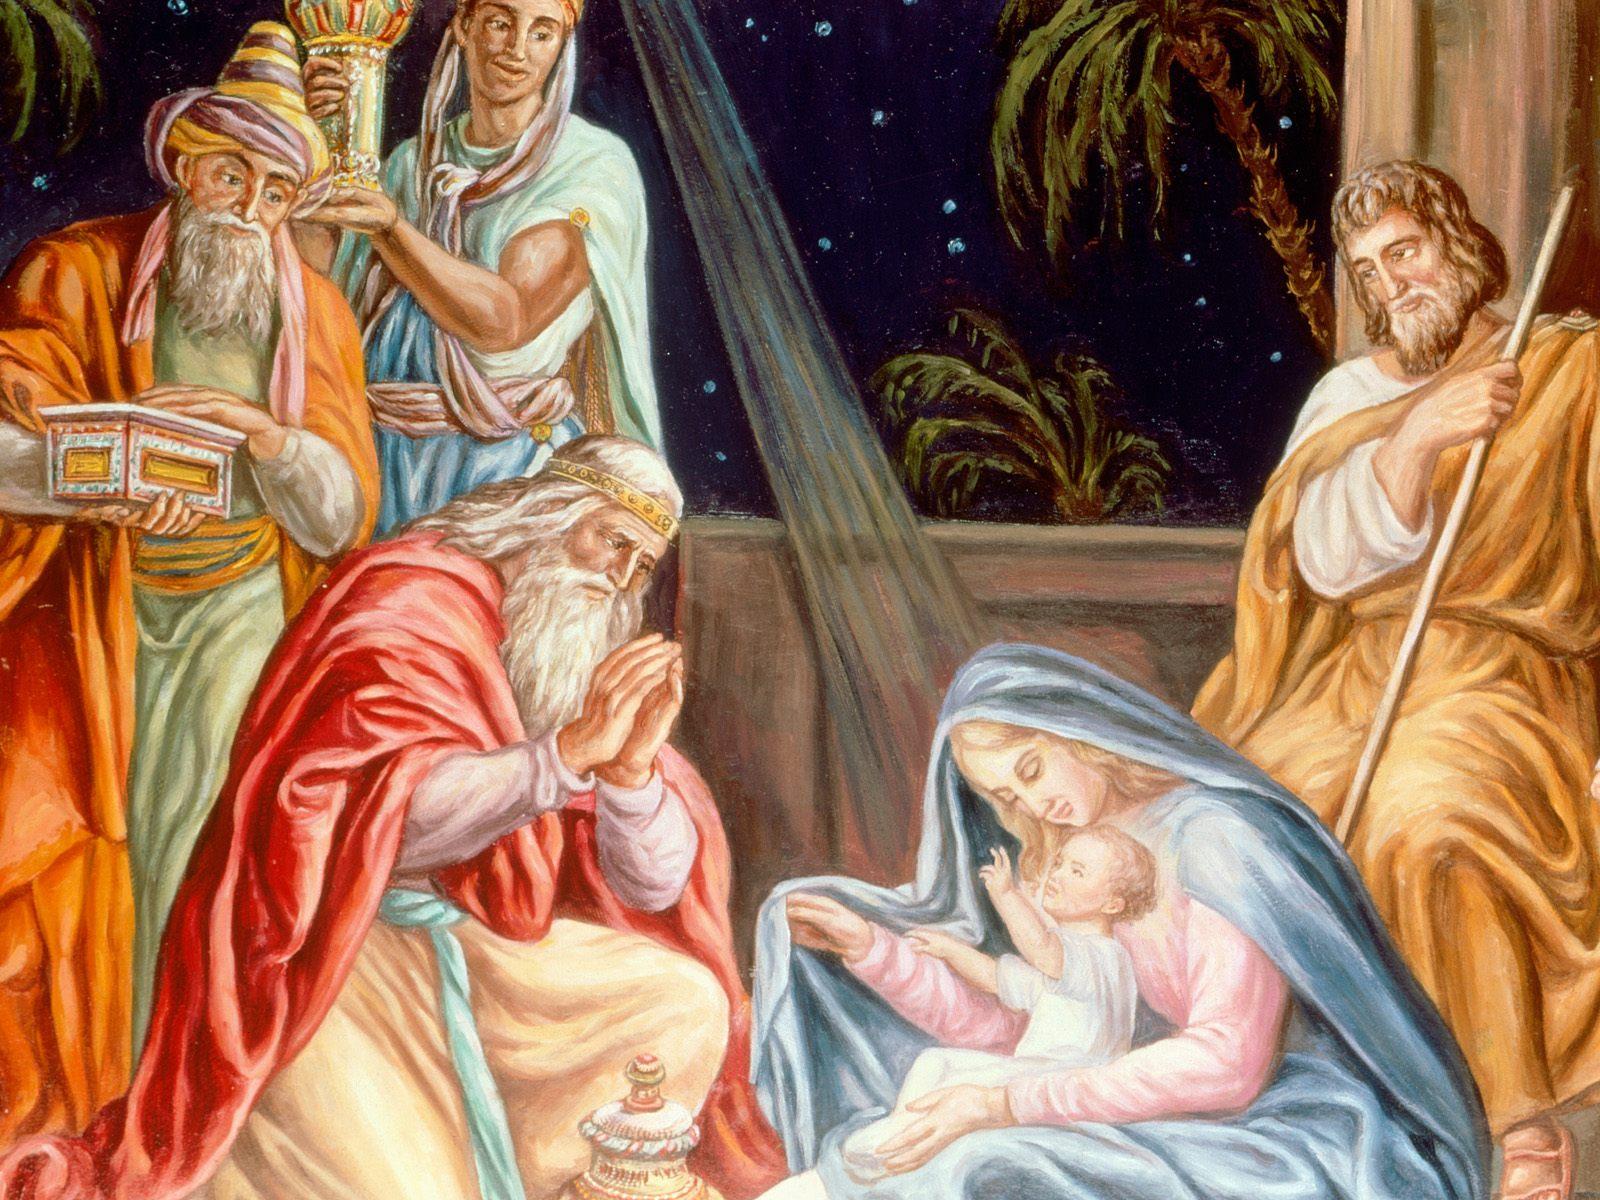 http://2.bp.blogspot.com/_e45GK4i1E8M/TRN9ZX8OwtI/AAAAAAAACFs/4tP2N5E7oFM/s1600/christmas-wallpaper-55.jpg